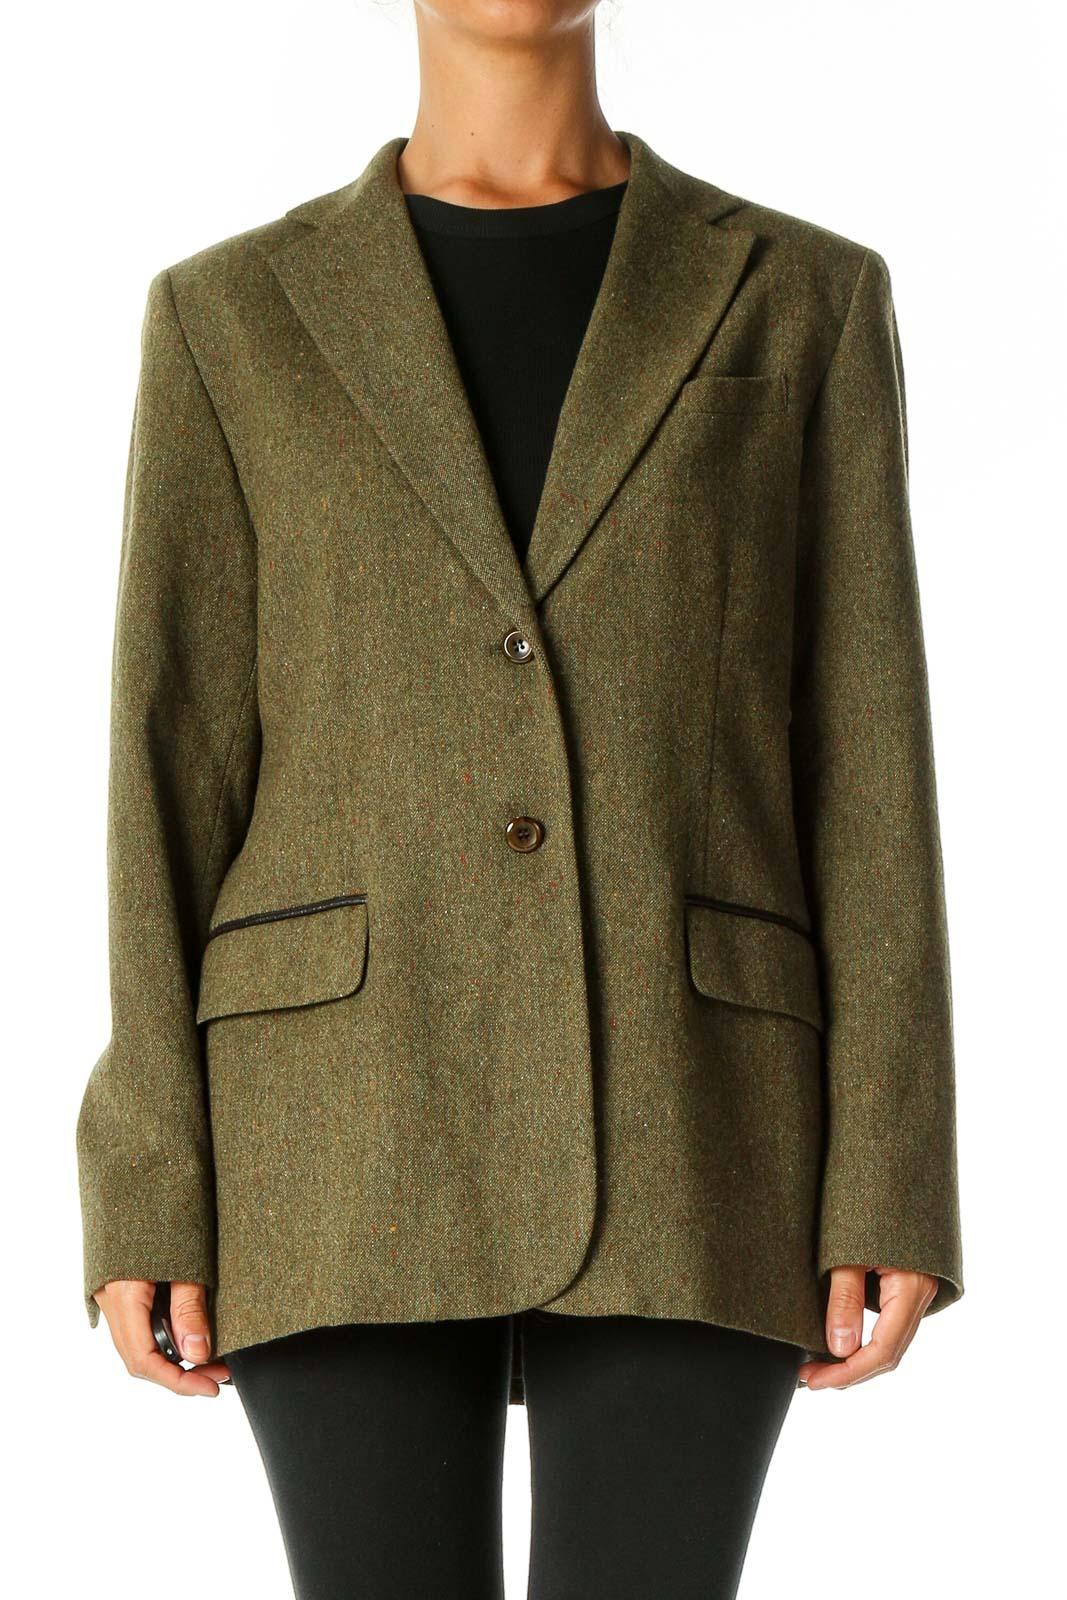 Green Overcoat Front